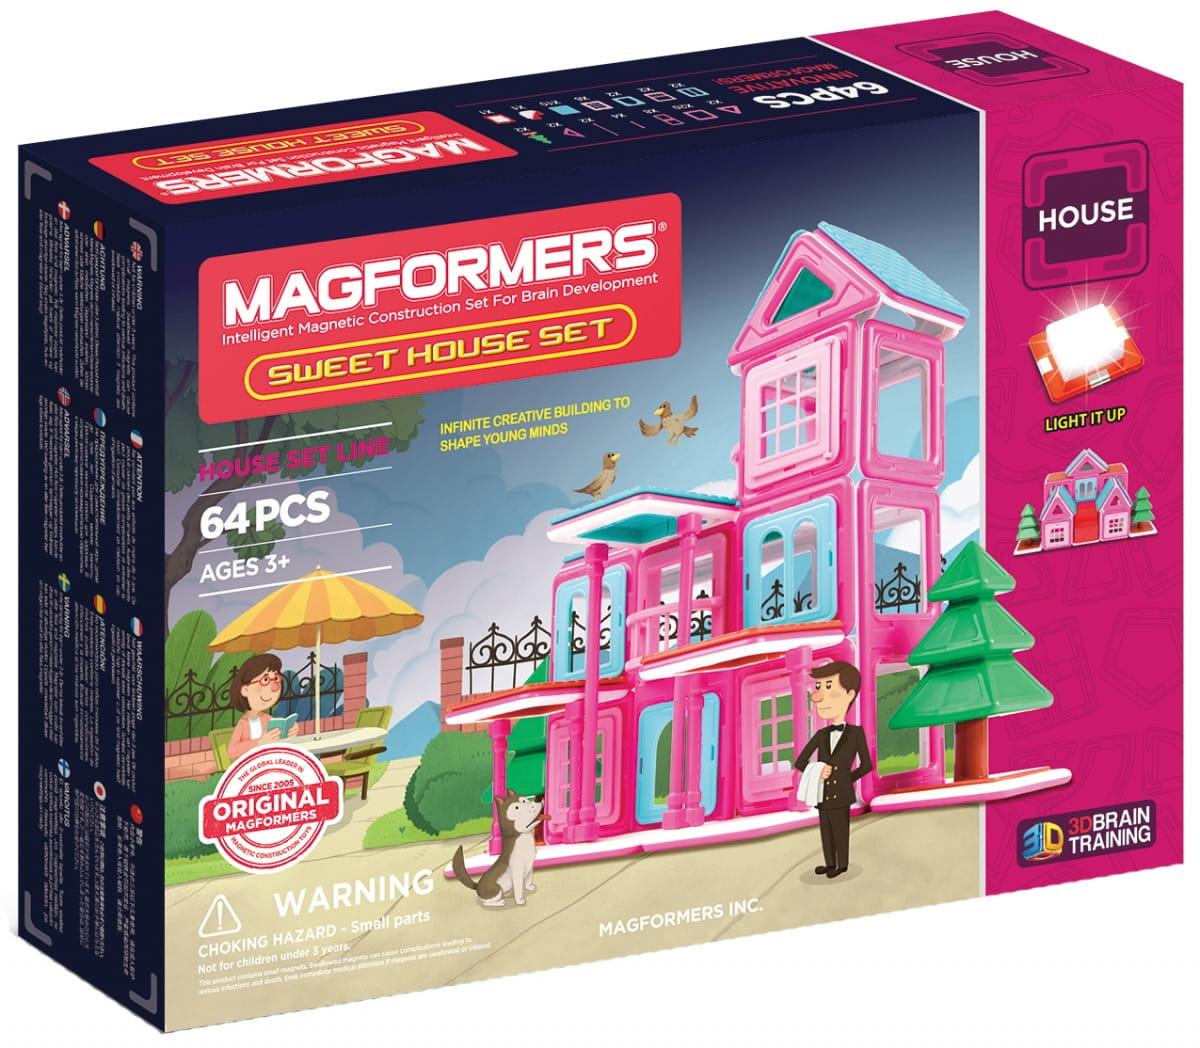 Магнитный конструктор Magformers 705001 Sweet House Set (64 детали)